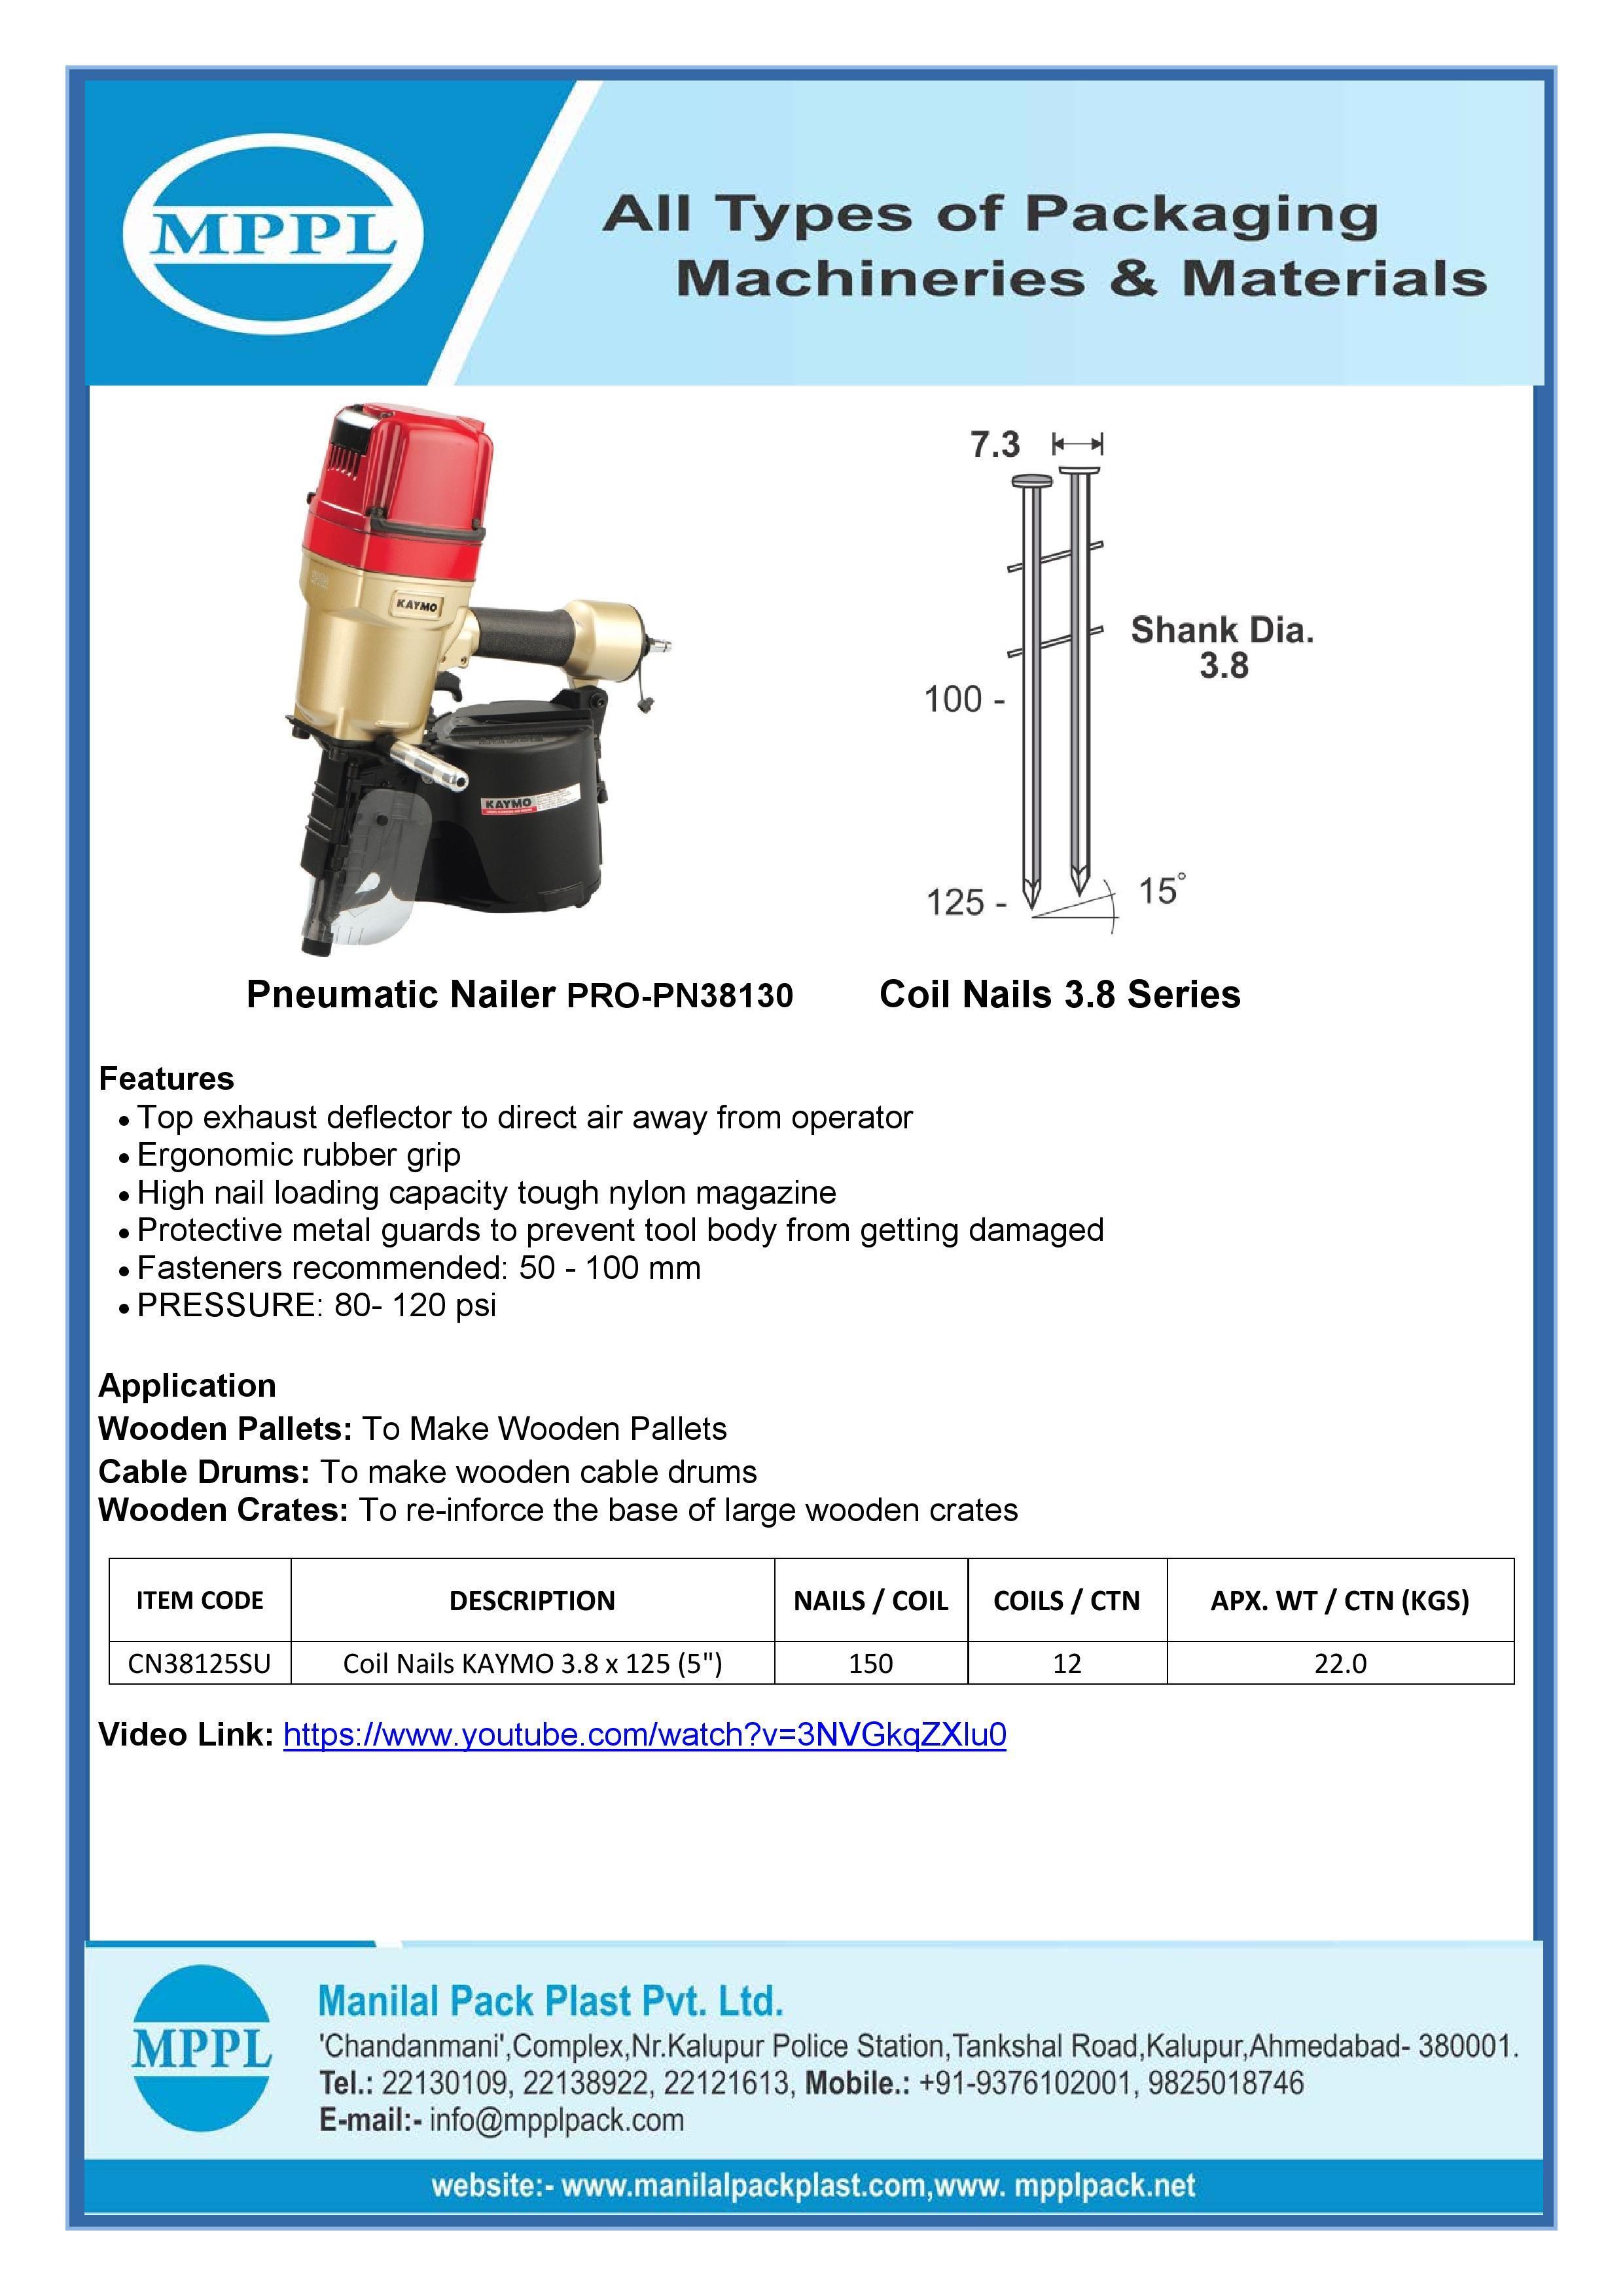 Pneumatic Nailer PRO-PN38130